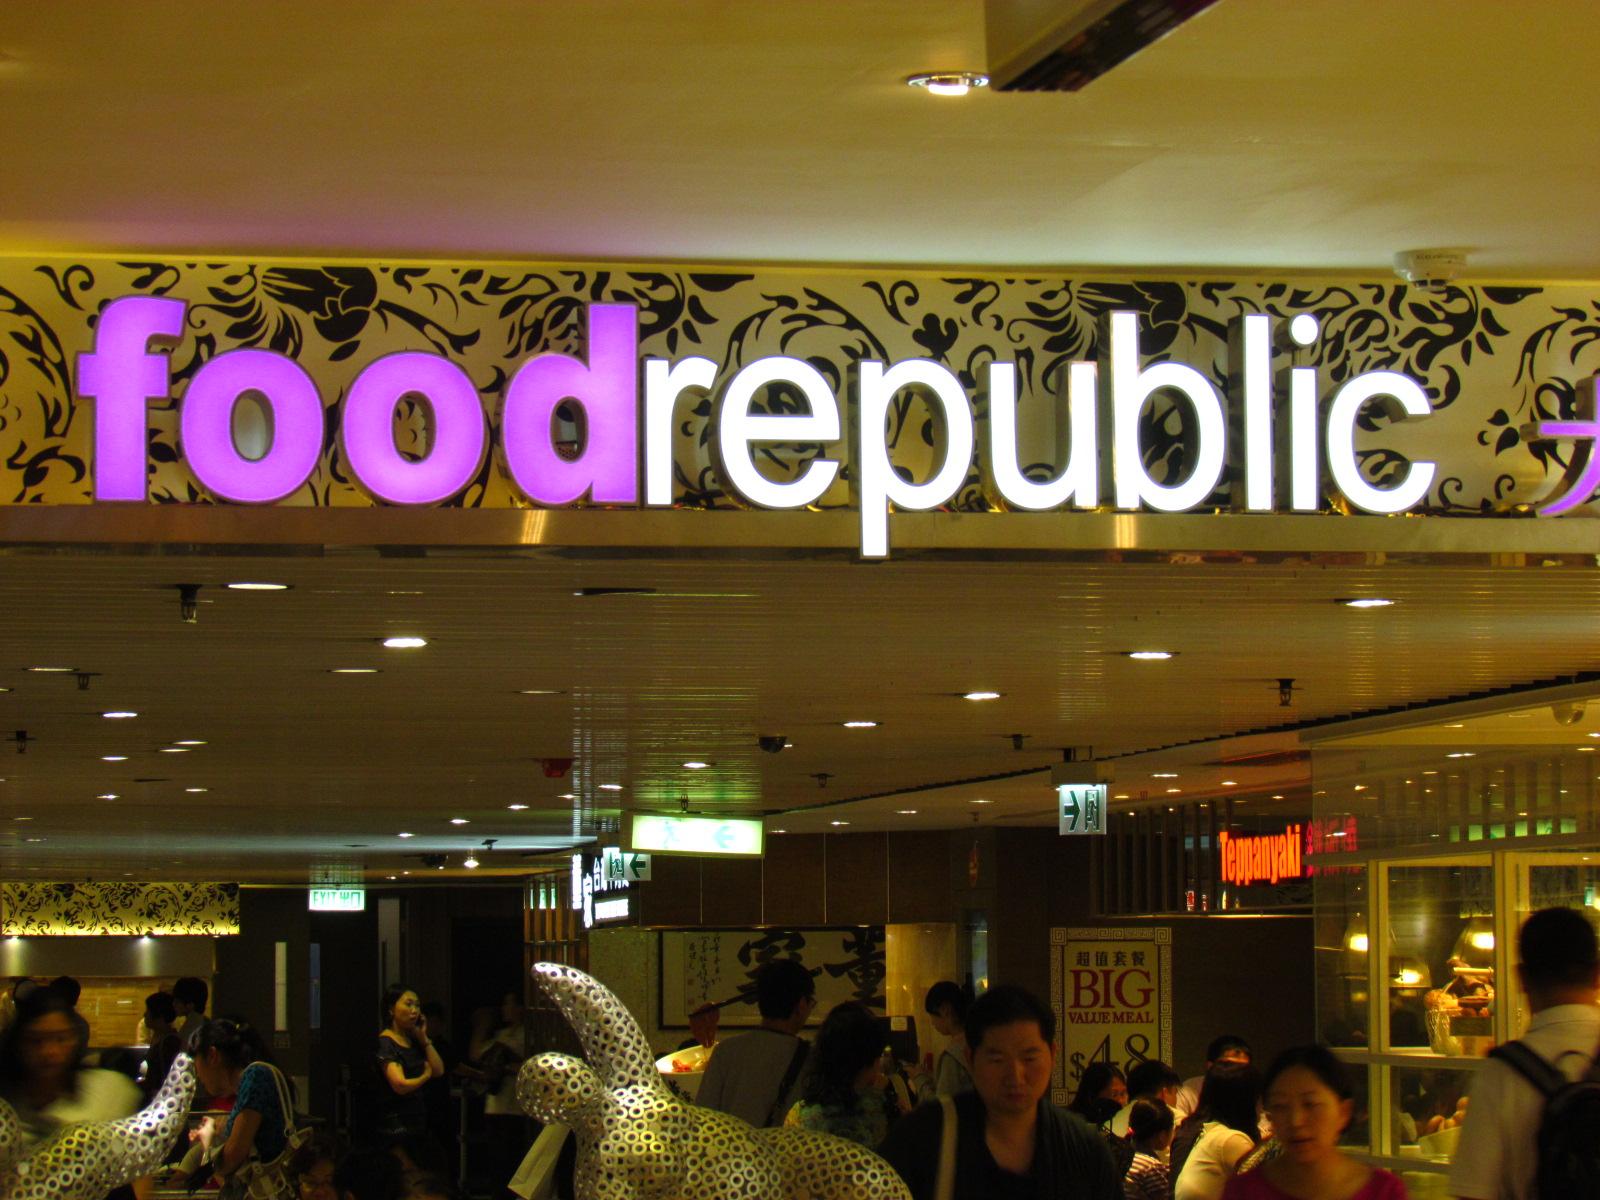 Hong Kong Plaza Food Court